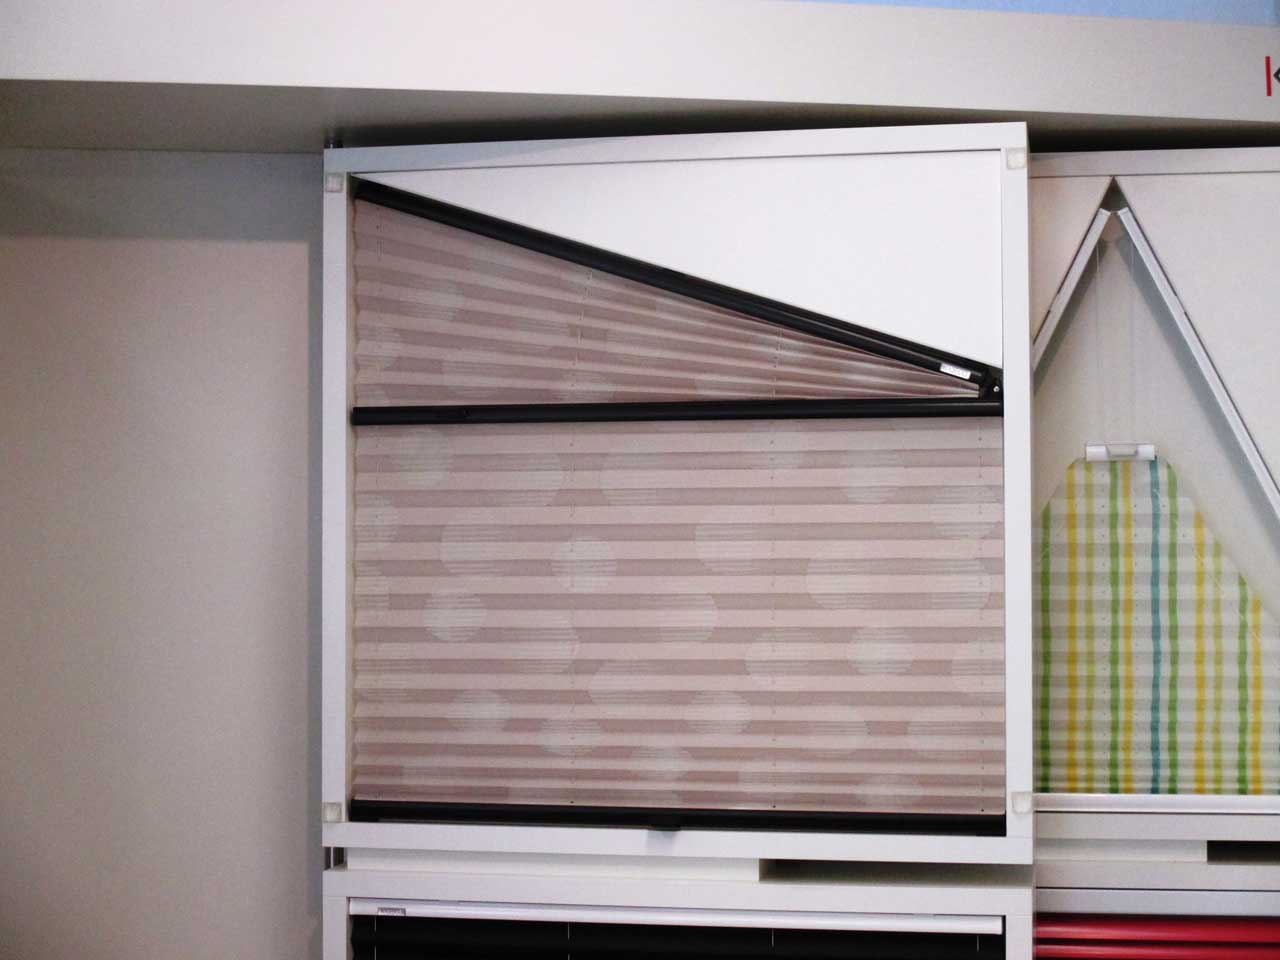 plissee sonderform hhe rechts kann auch die kleinere hhe sein with plissee sonderform. Black Bedroom Furniture Sets. Home Design Ideas